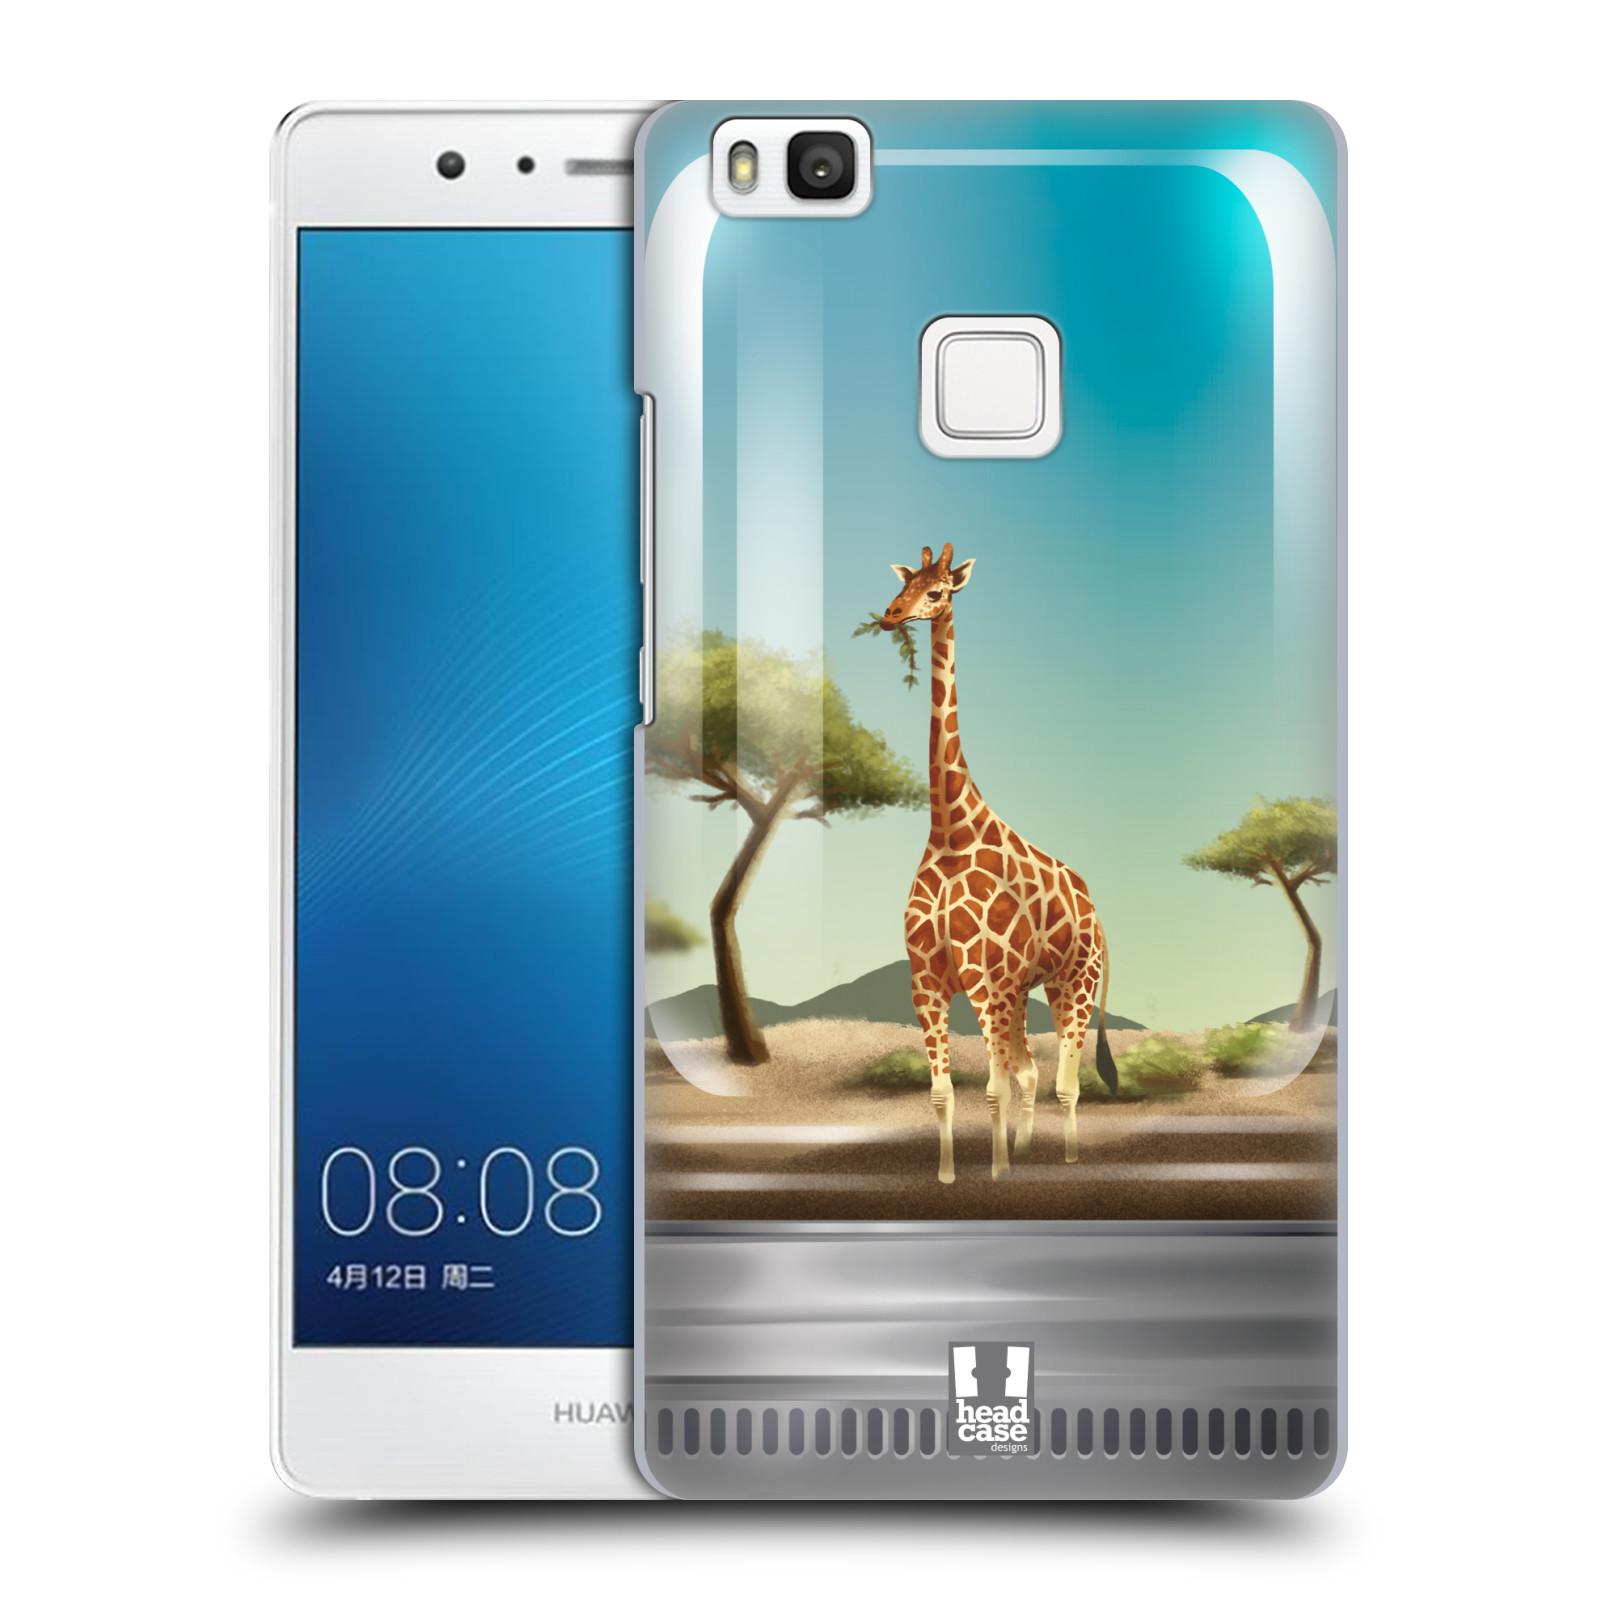 HEAD CASE plastový obal na mobil Huawei P9 LITE / P9 LITE DUAL SIM vzor Zvířátka v těžítku žirafa